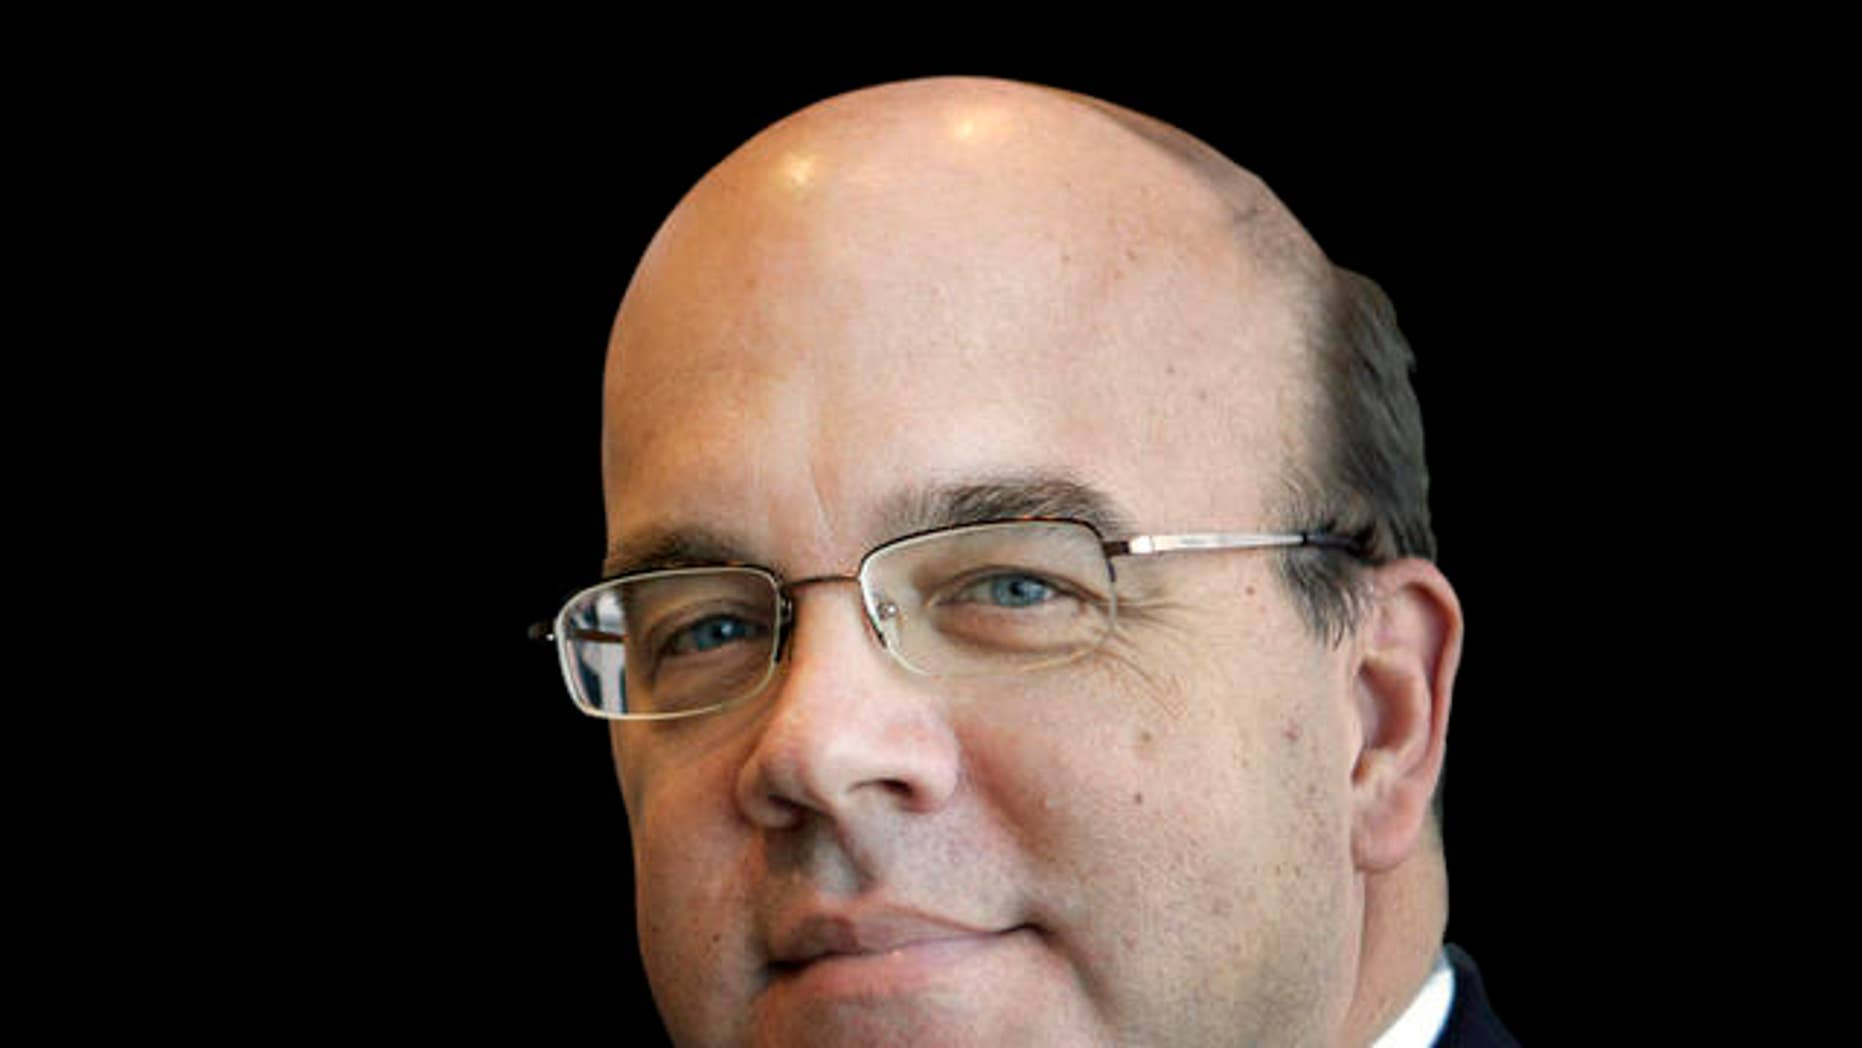 Headshot of Rep. Jim McGovern, D-Mass. (AP)